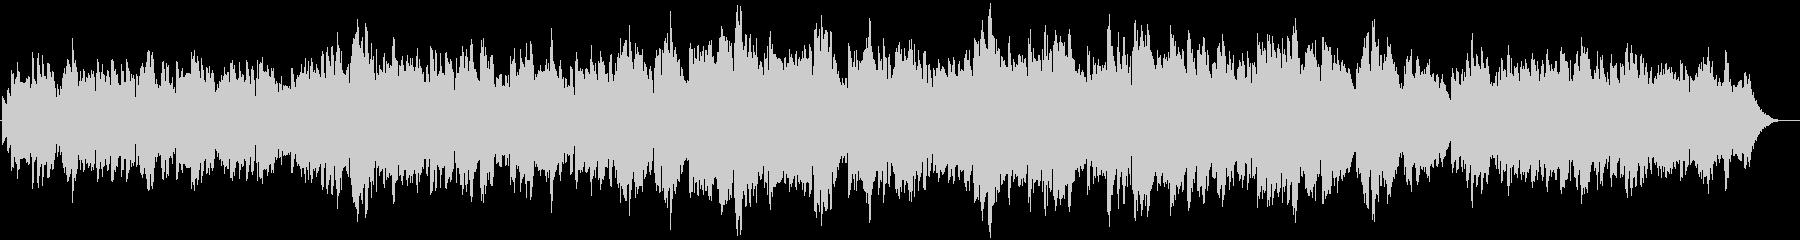 ピアノとシンセサイザーの幻想的なBGMの未再生の波形